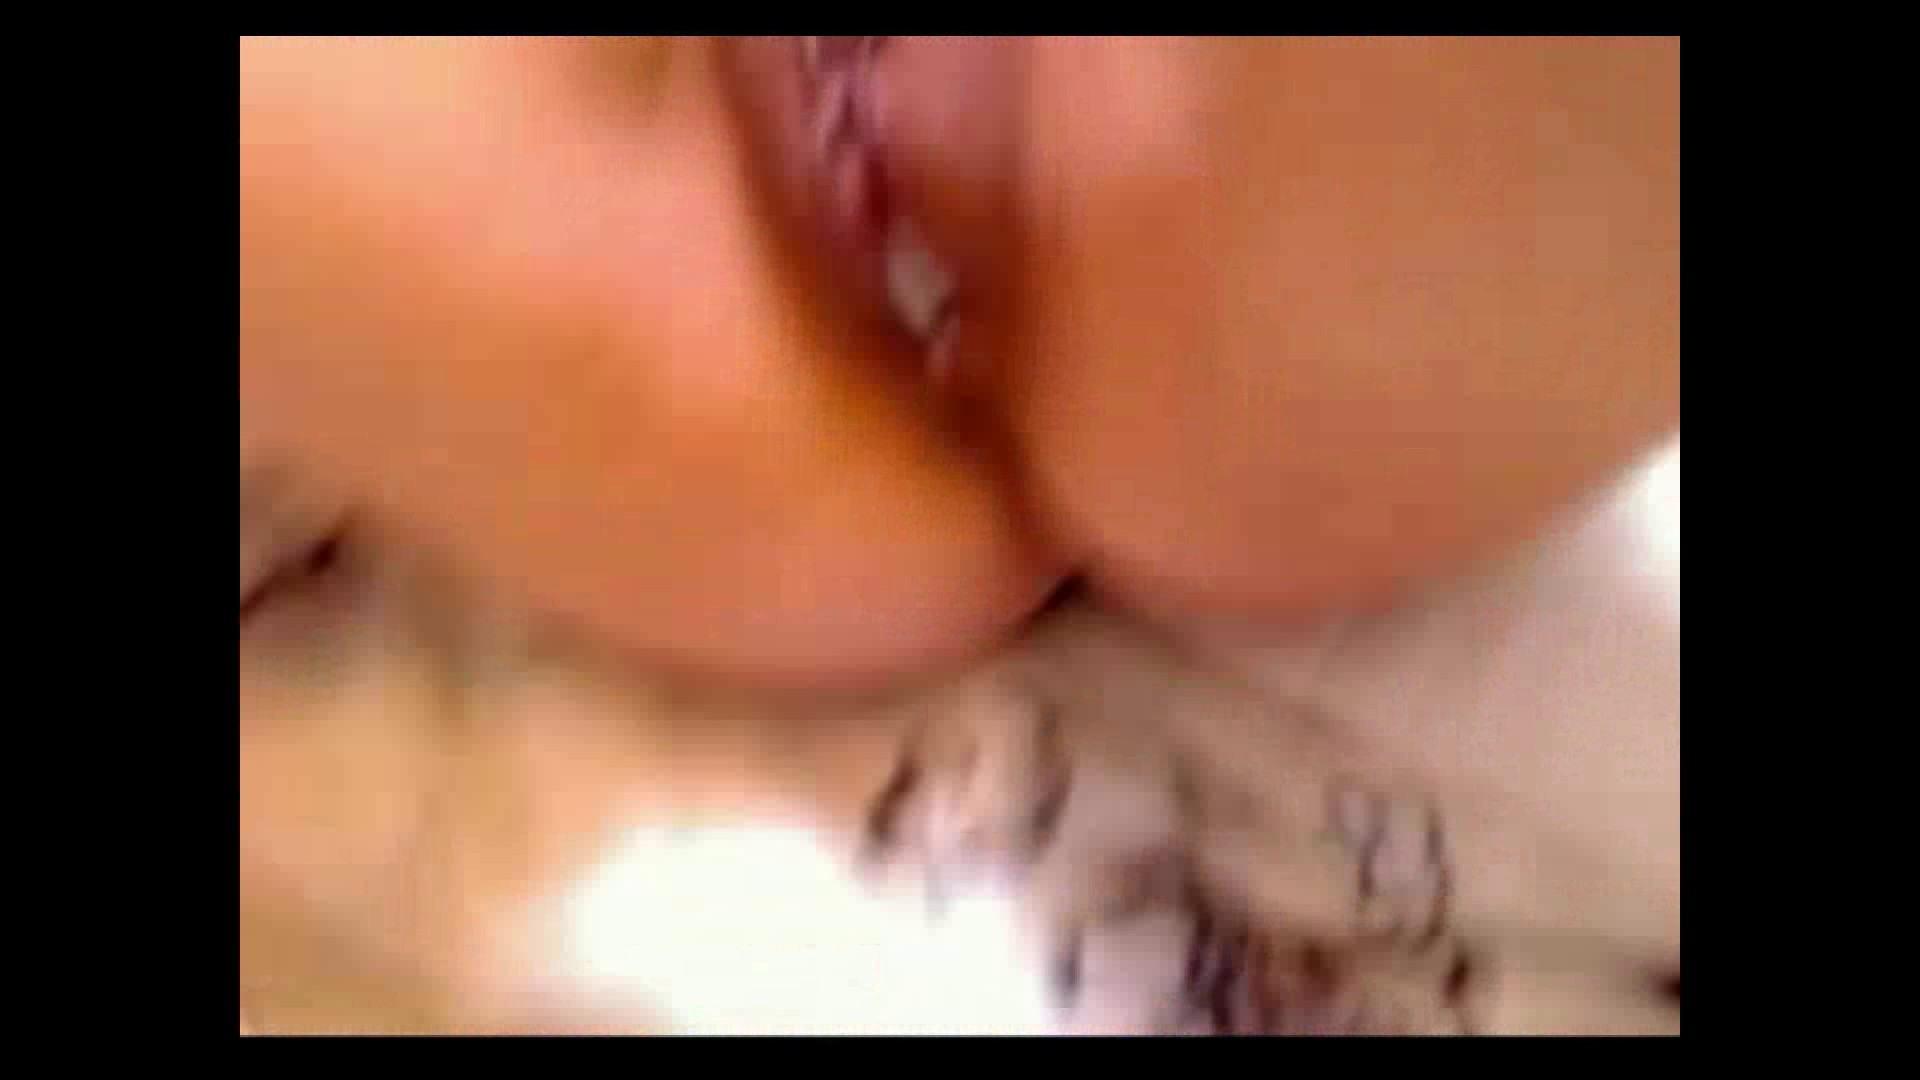 アヘ顔のわたしってどうかしら Vol.13 美女丸裸 盗み撮り動画キャプチャ 85pic 68